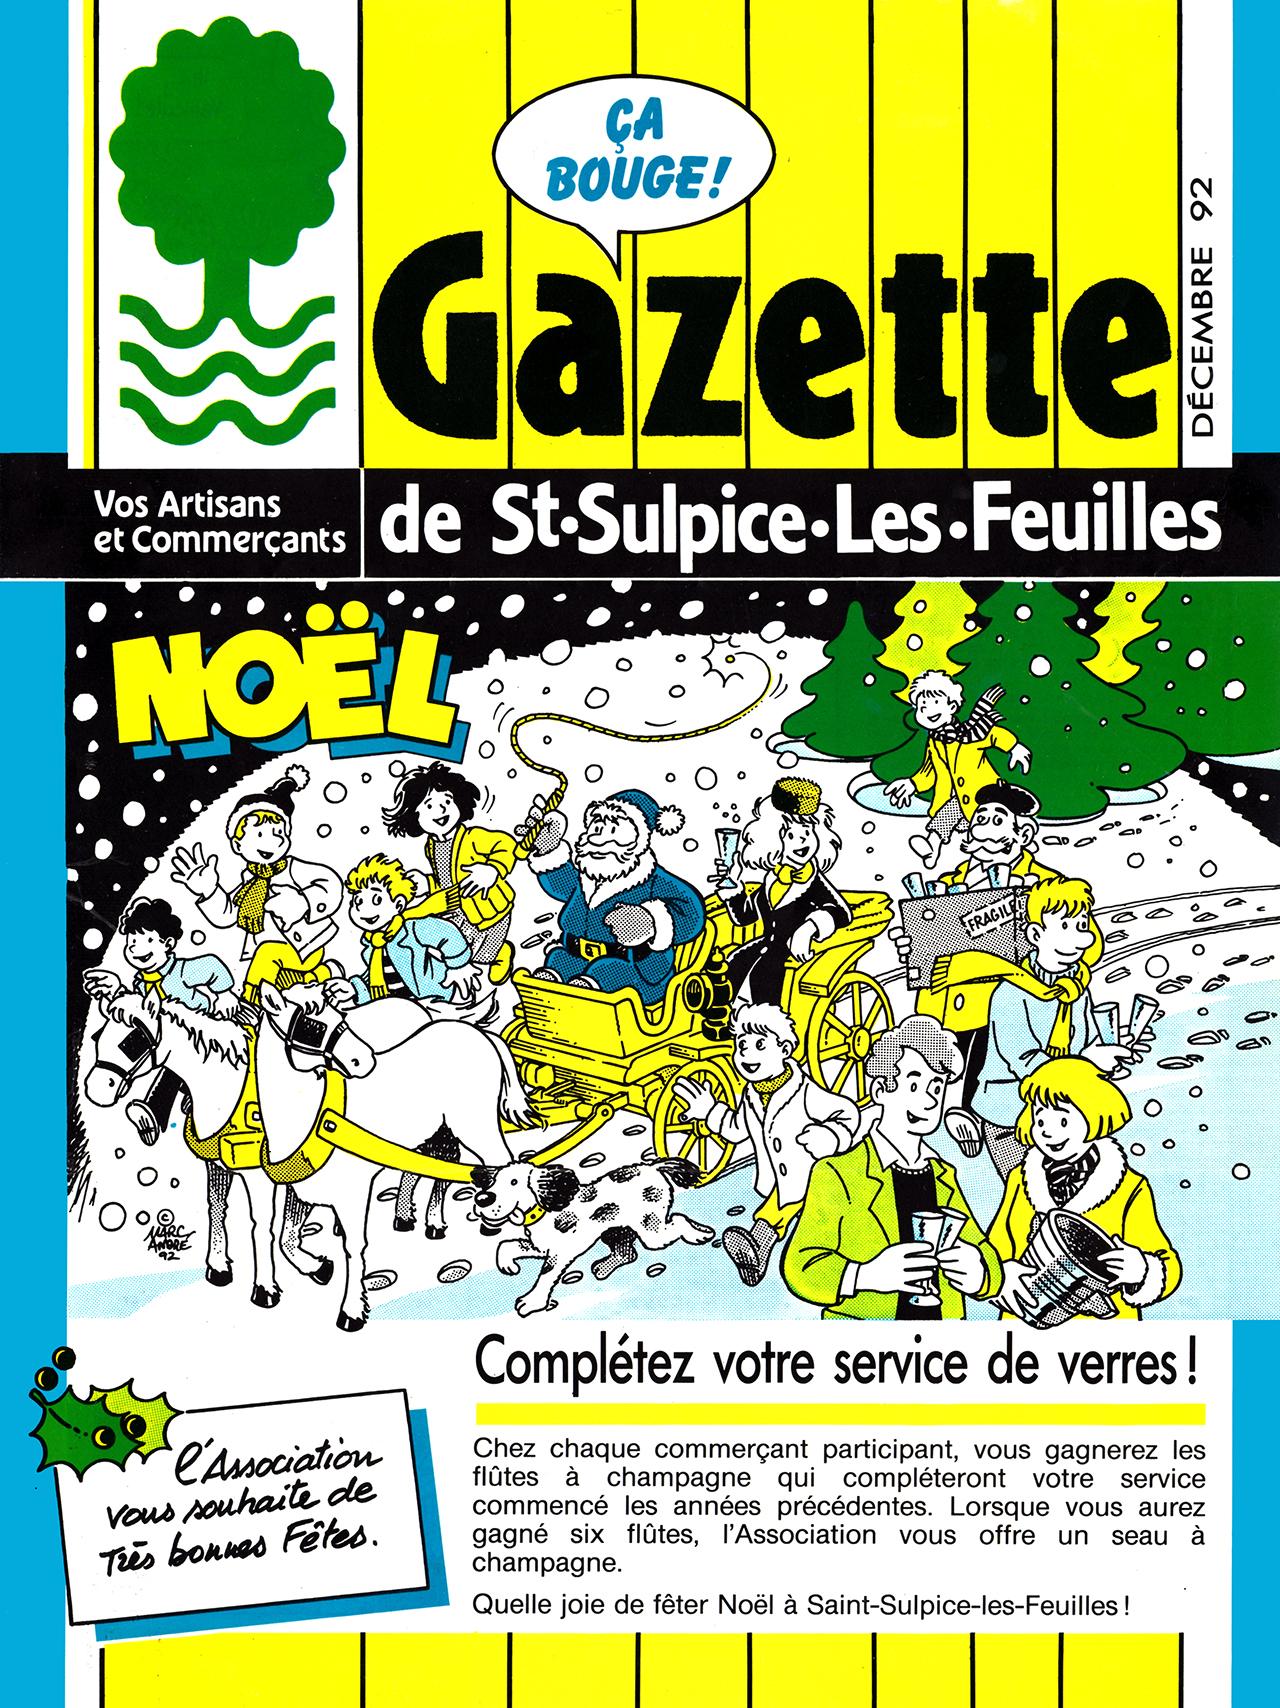 Gazette de Saint-Sulpice-Les-Feuilles-1989-95 numéro 7 Noel 1992 page 1